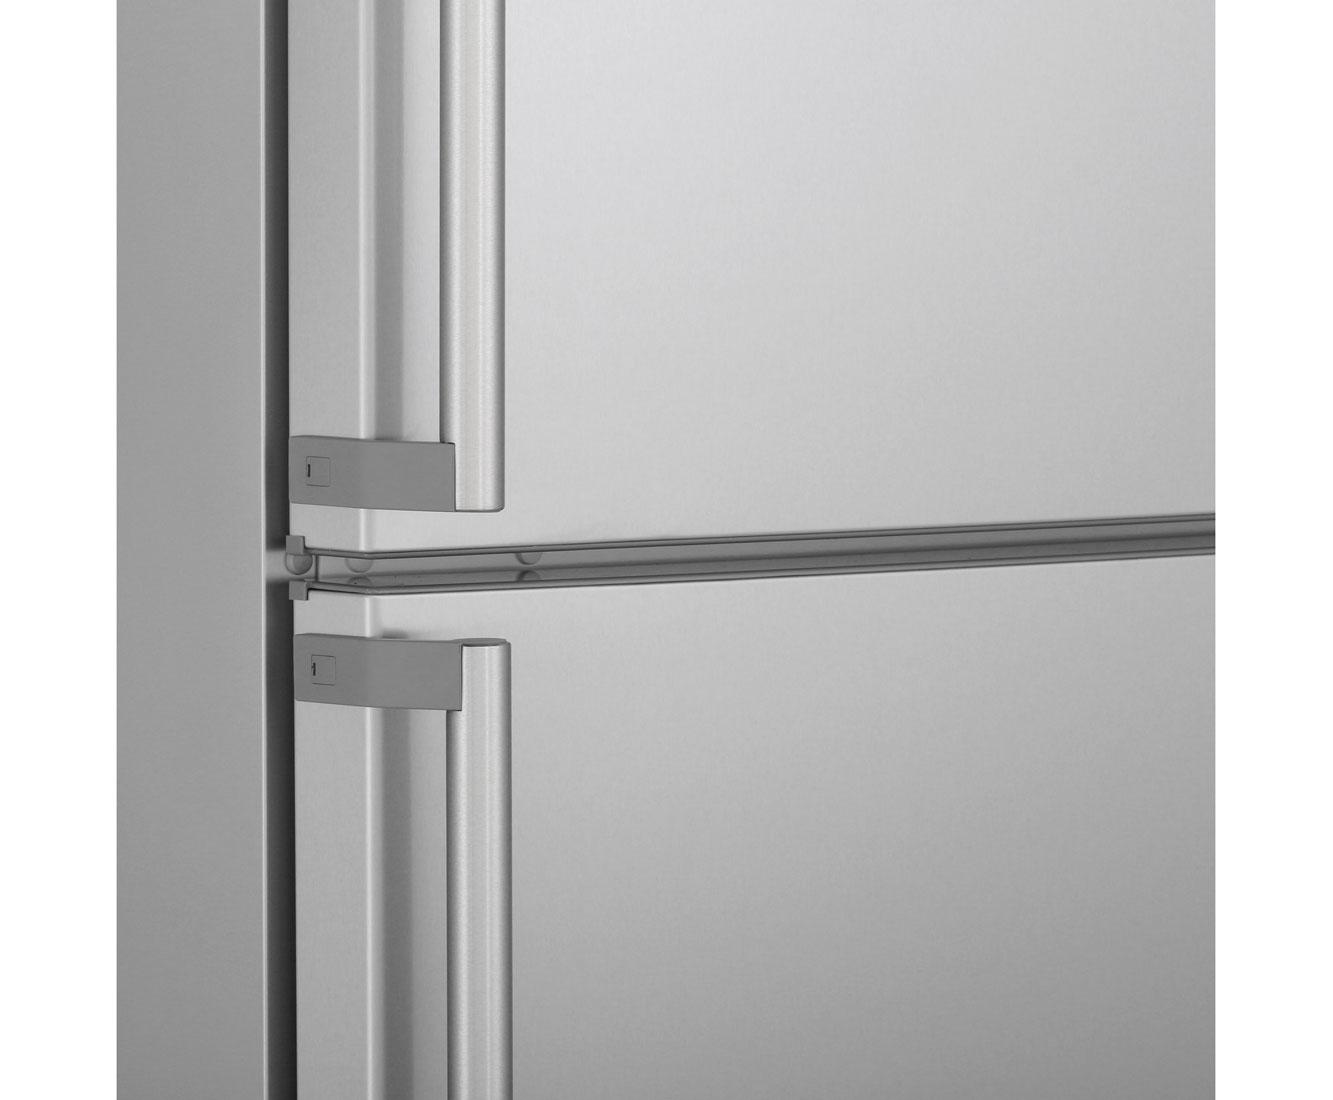 Siemens Kühlschrank 70 Cm : Siemens kg ebi kühl gefrierkombination er breite edelstahl